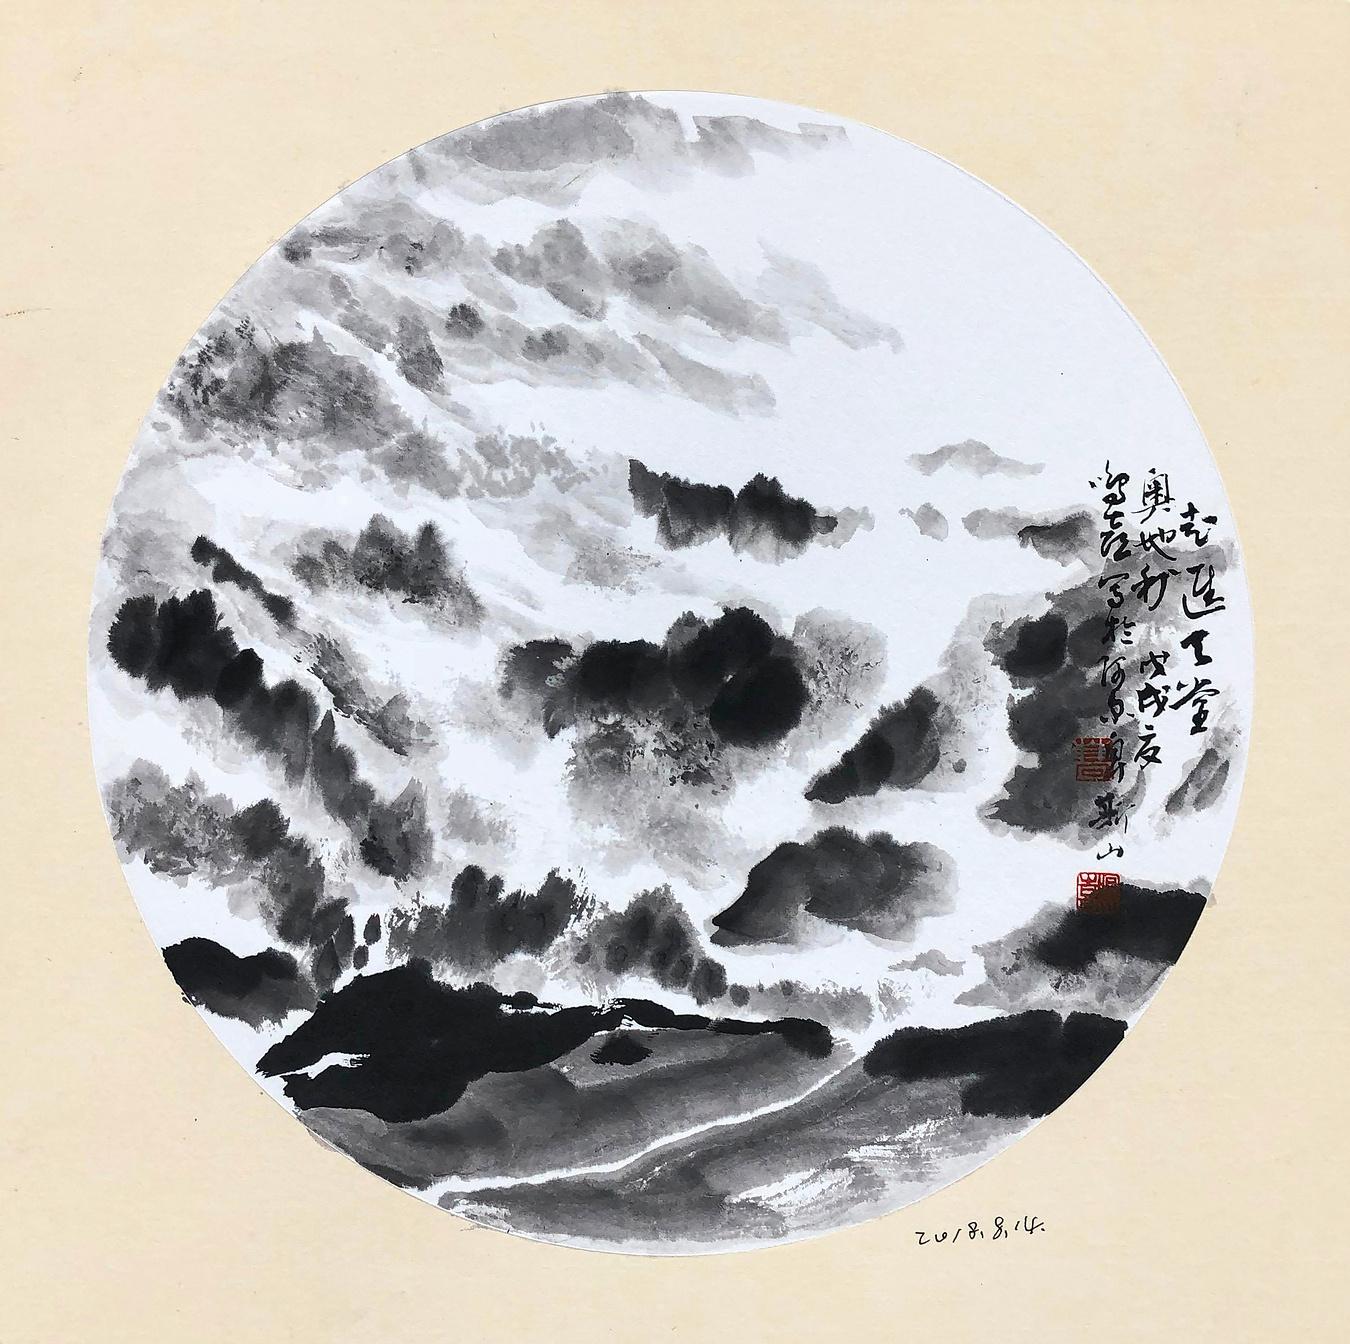 《奥地利·人间天堂·神秘的阿尔卑斯山》33×33cm 纸本水墨 团扇 写意欧洲风情 2018年08月15日